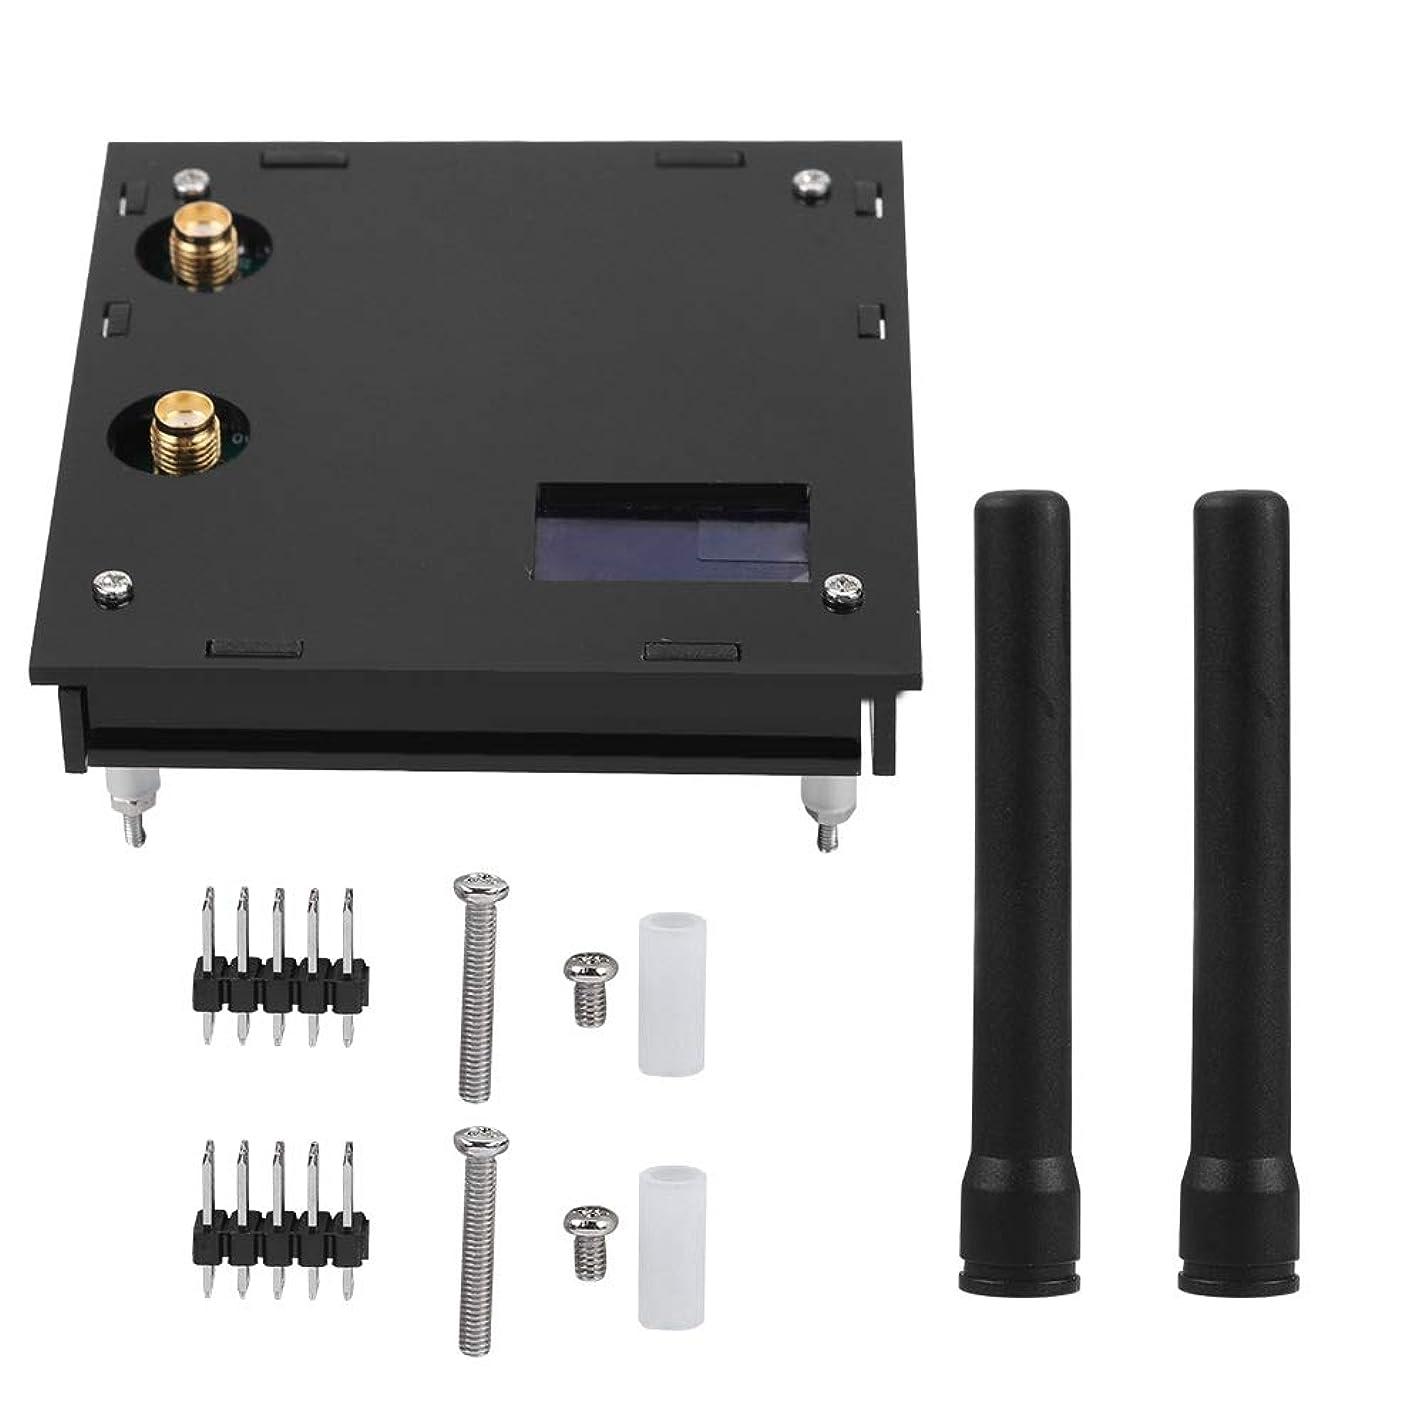 紳士気取りの、きざな資金ボーダーMMDVM拡張ボード、MMDVM Raspberry Pi DIY OLED用SD付きデュプレックスホットスポットモジュールアンテナケース(Black)